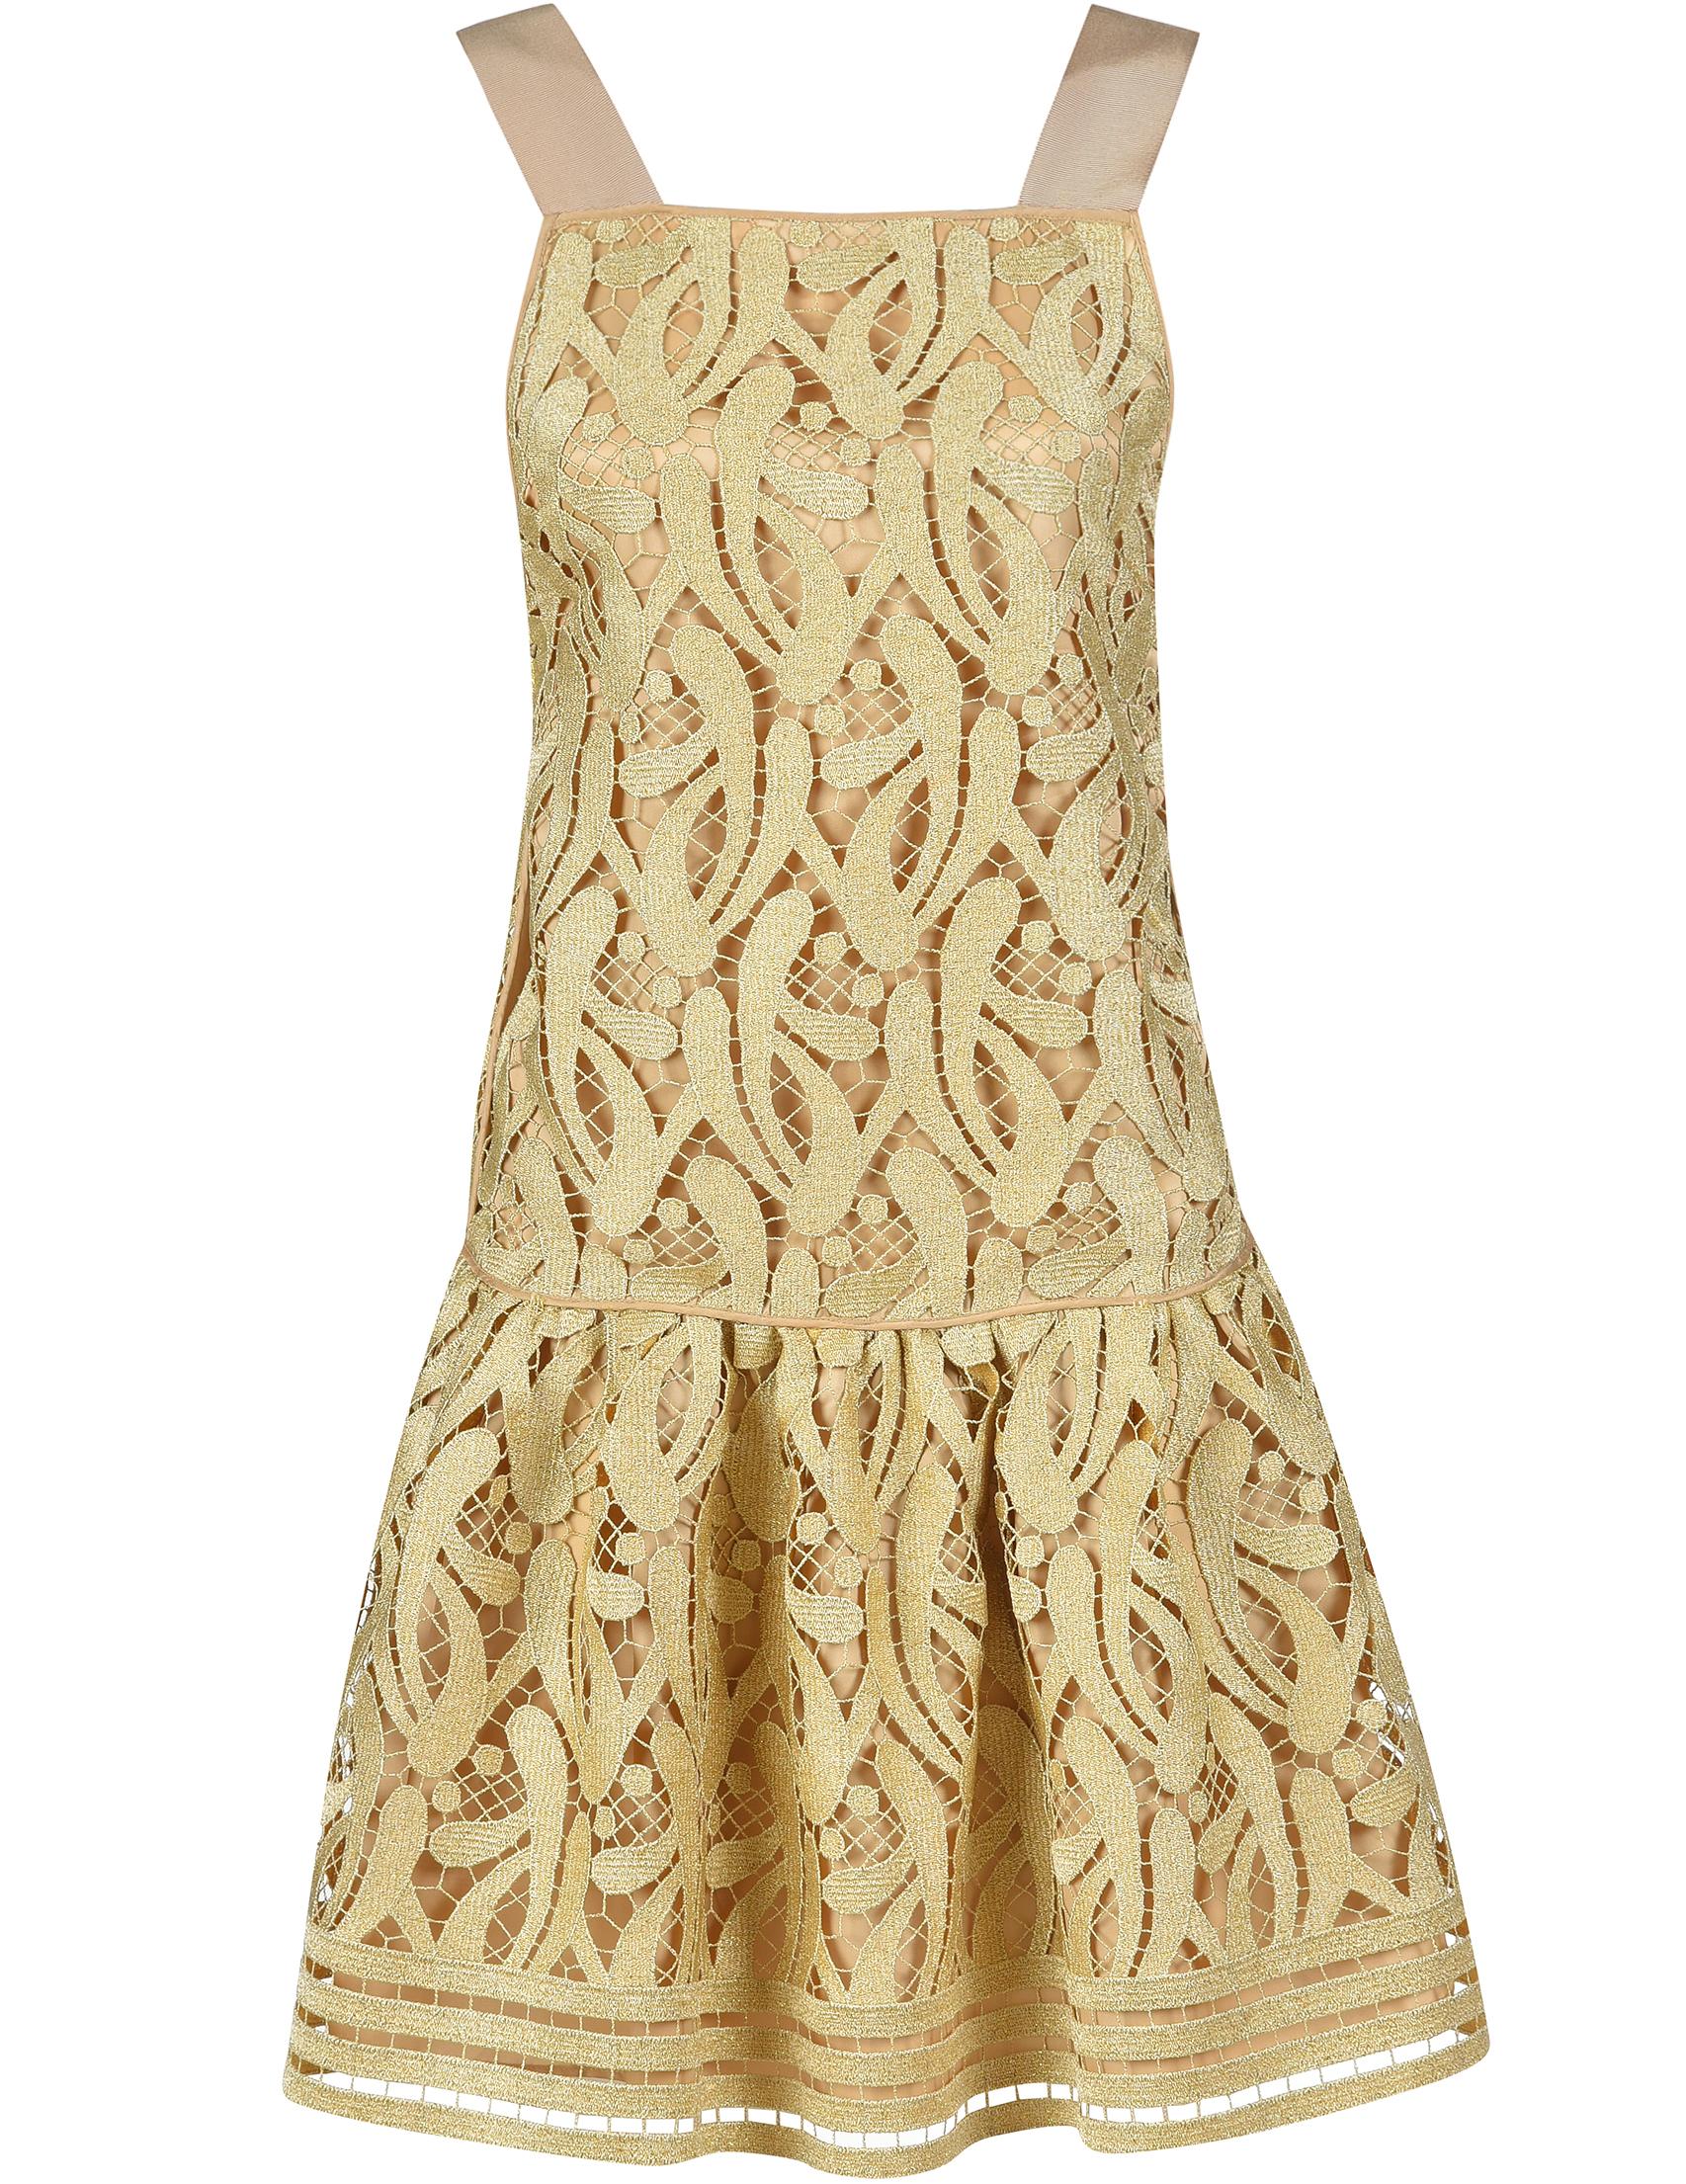 Купить Платье, N°21, Золотой, 100%Вискоза;75%Полиэстер 25%Металлическое волокно, Весна-Лето